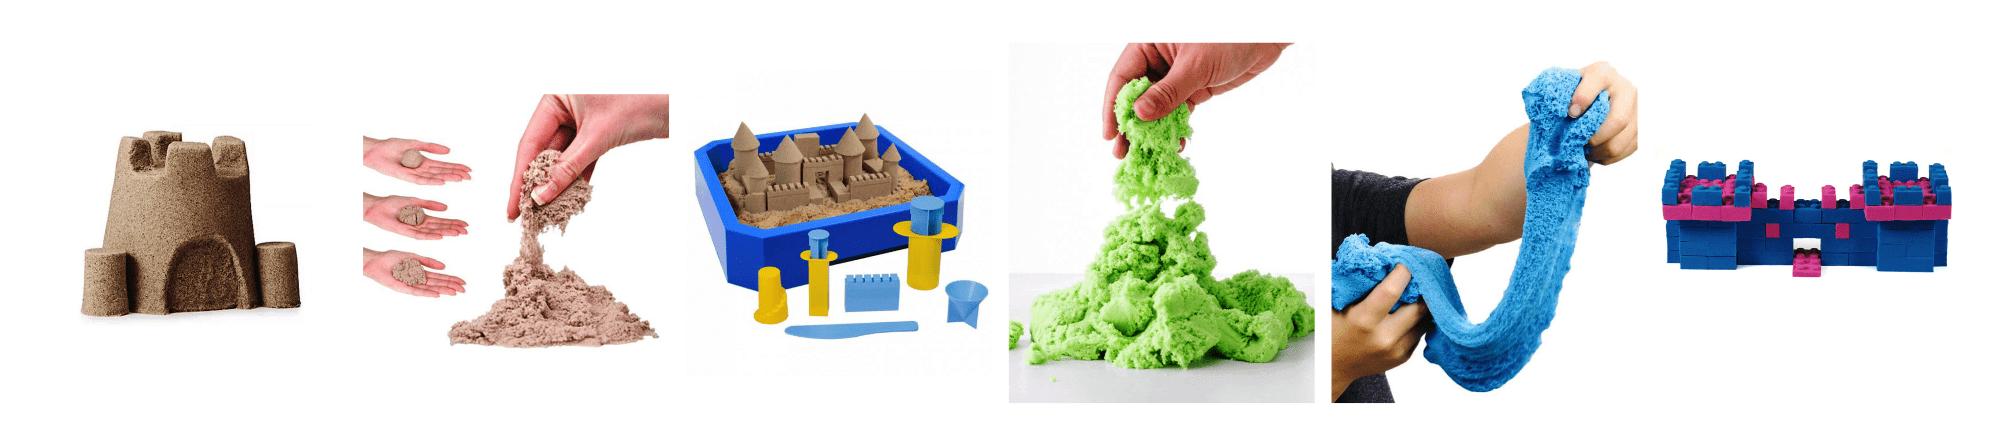 Legesand-Kinetisk-sand